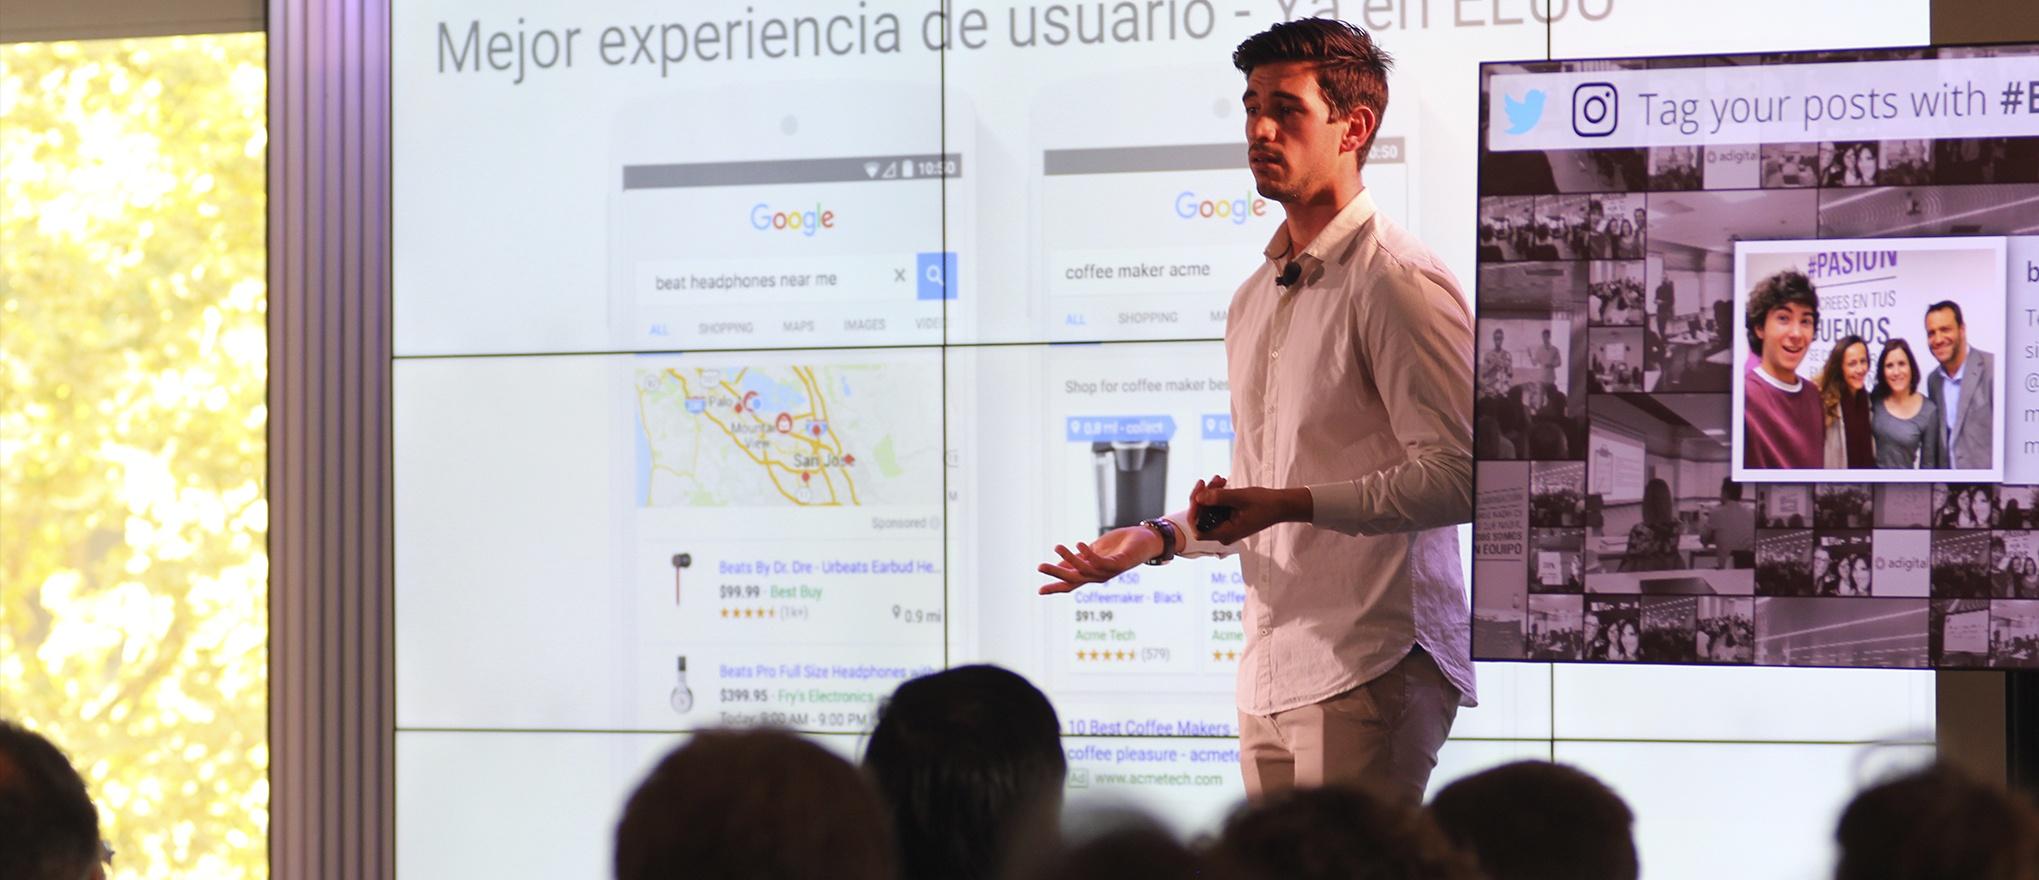 Luis perez Montesa Marketplaces Google Elogia-1.jpg